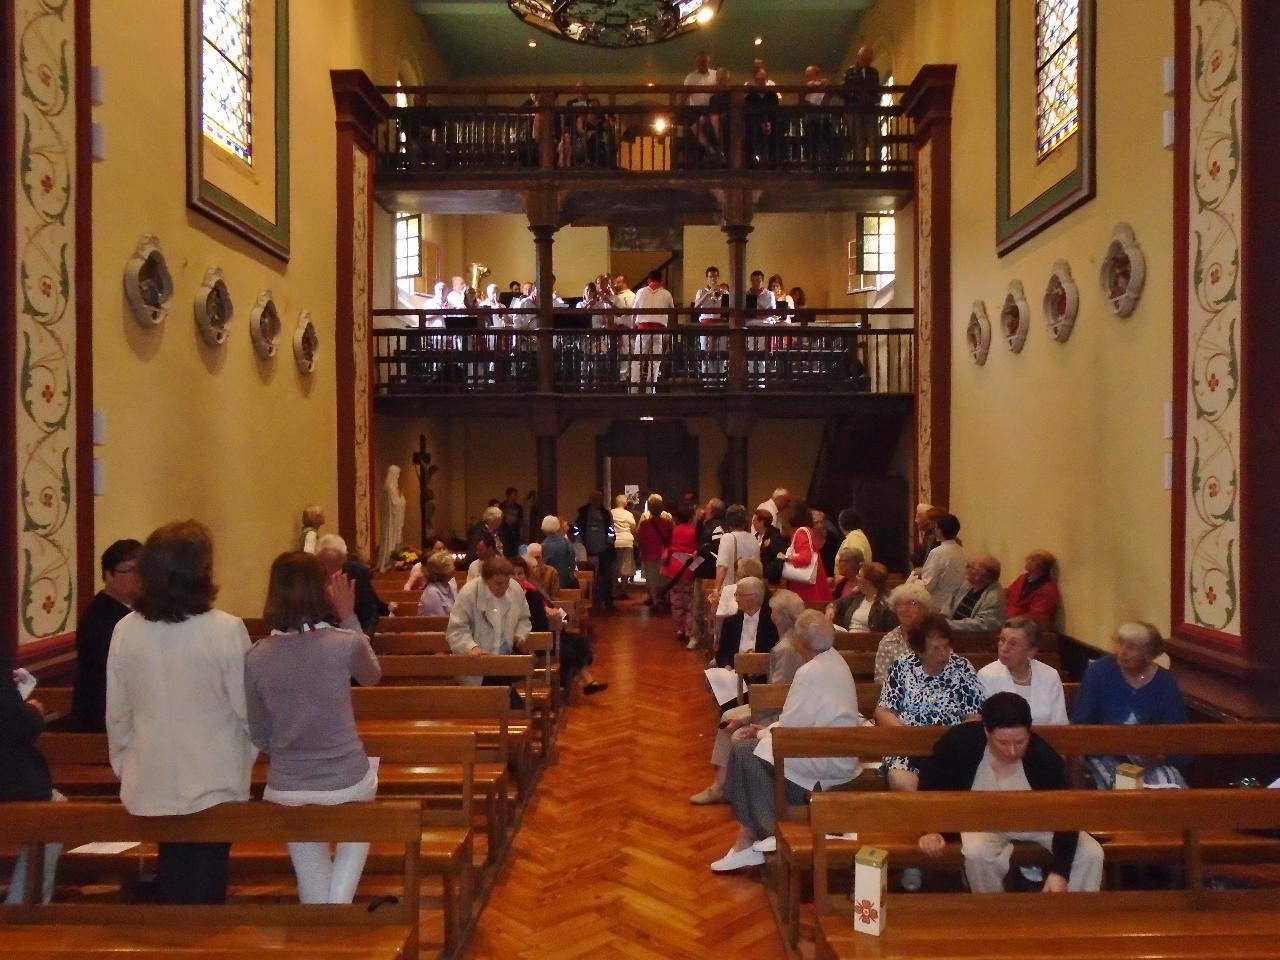 Comme il pleuvait à la fin de la messe, la fanfare a  joué à l'intérieur de l'église quelques thèmes plein de dynamisme ! Merci.